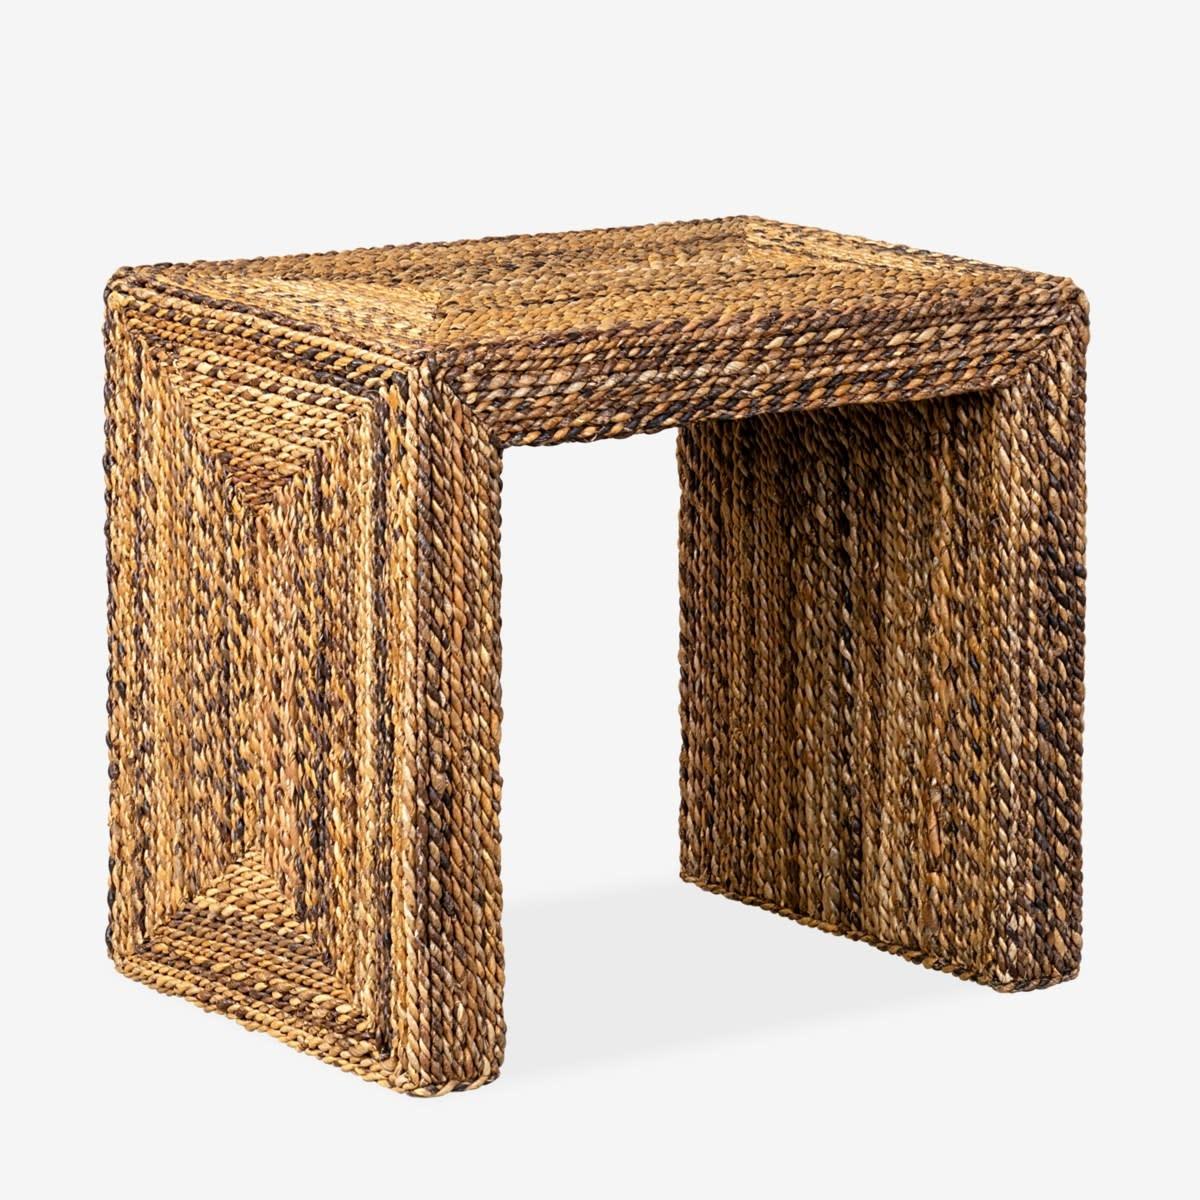 Soren Braided Side Table